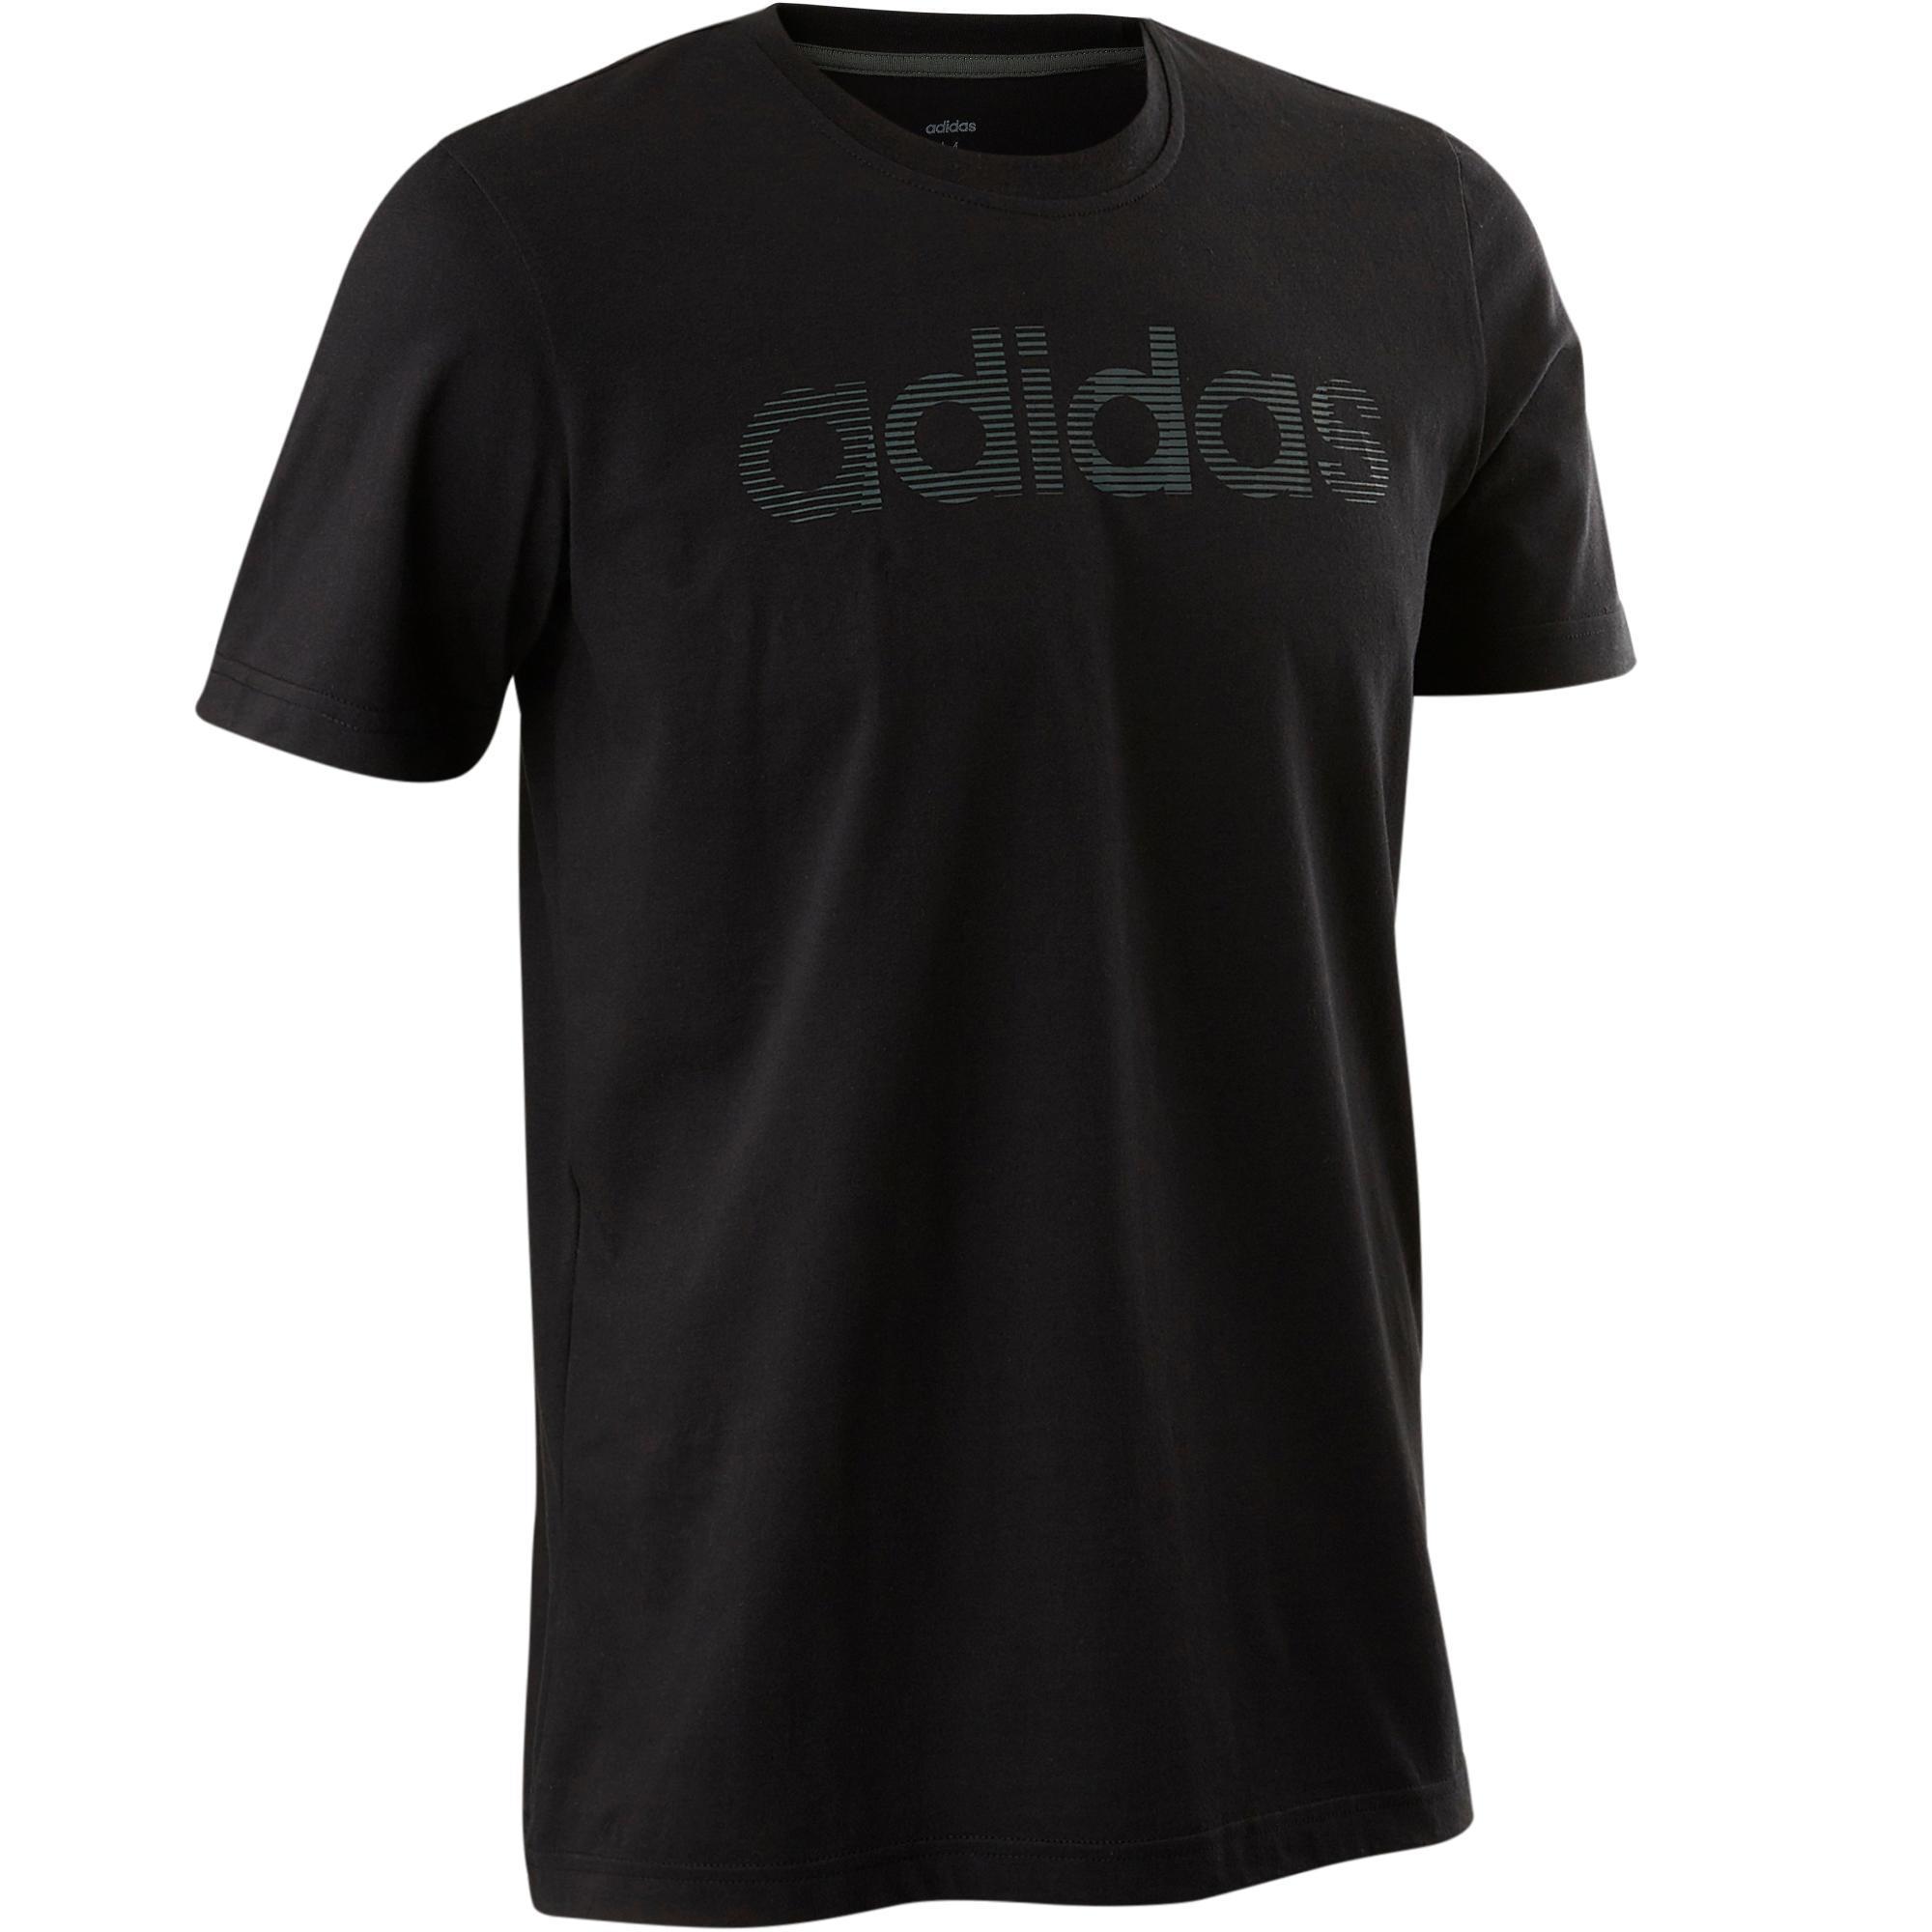 T-Shirt Decadio 500 Pilates sanfte Gymnastik Herren schwarz | Sportbekleidung > Sportshirts > Poloshirts | Schwarz | Adidas